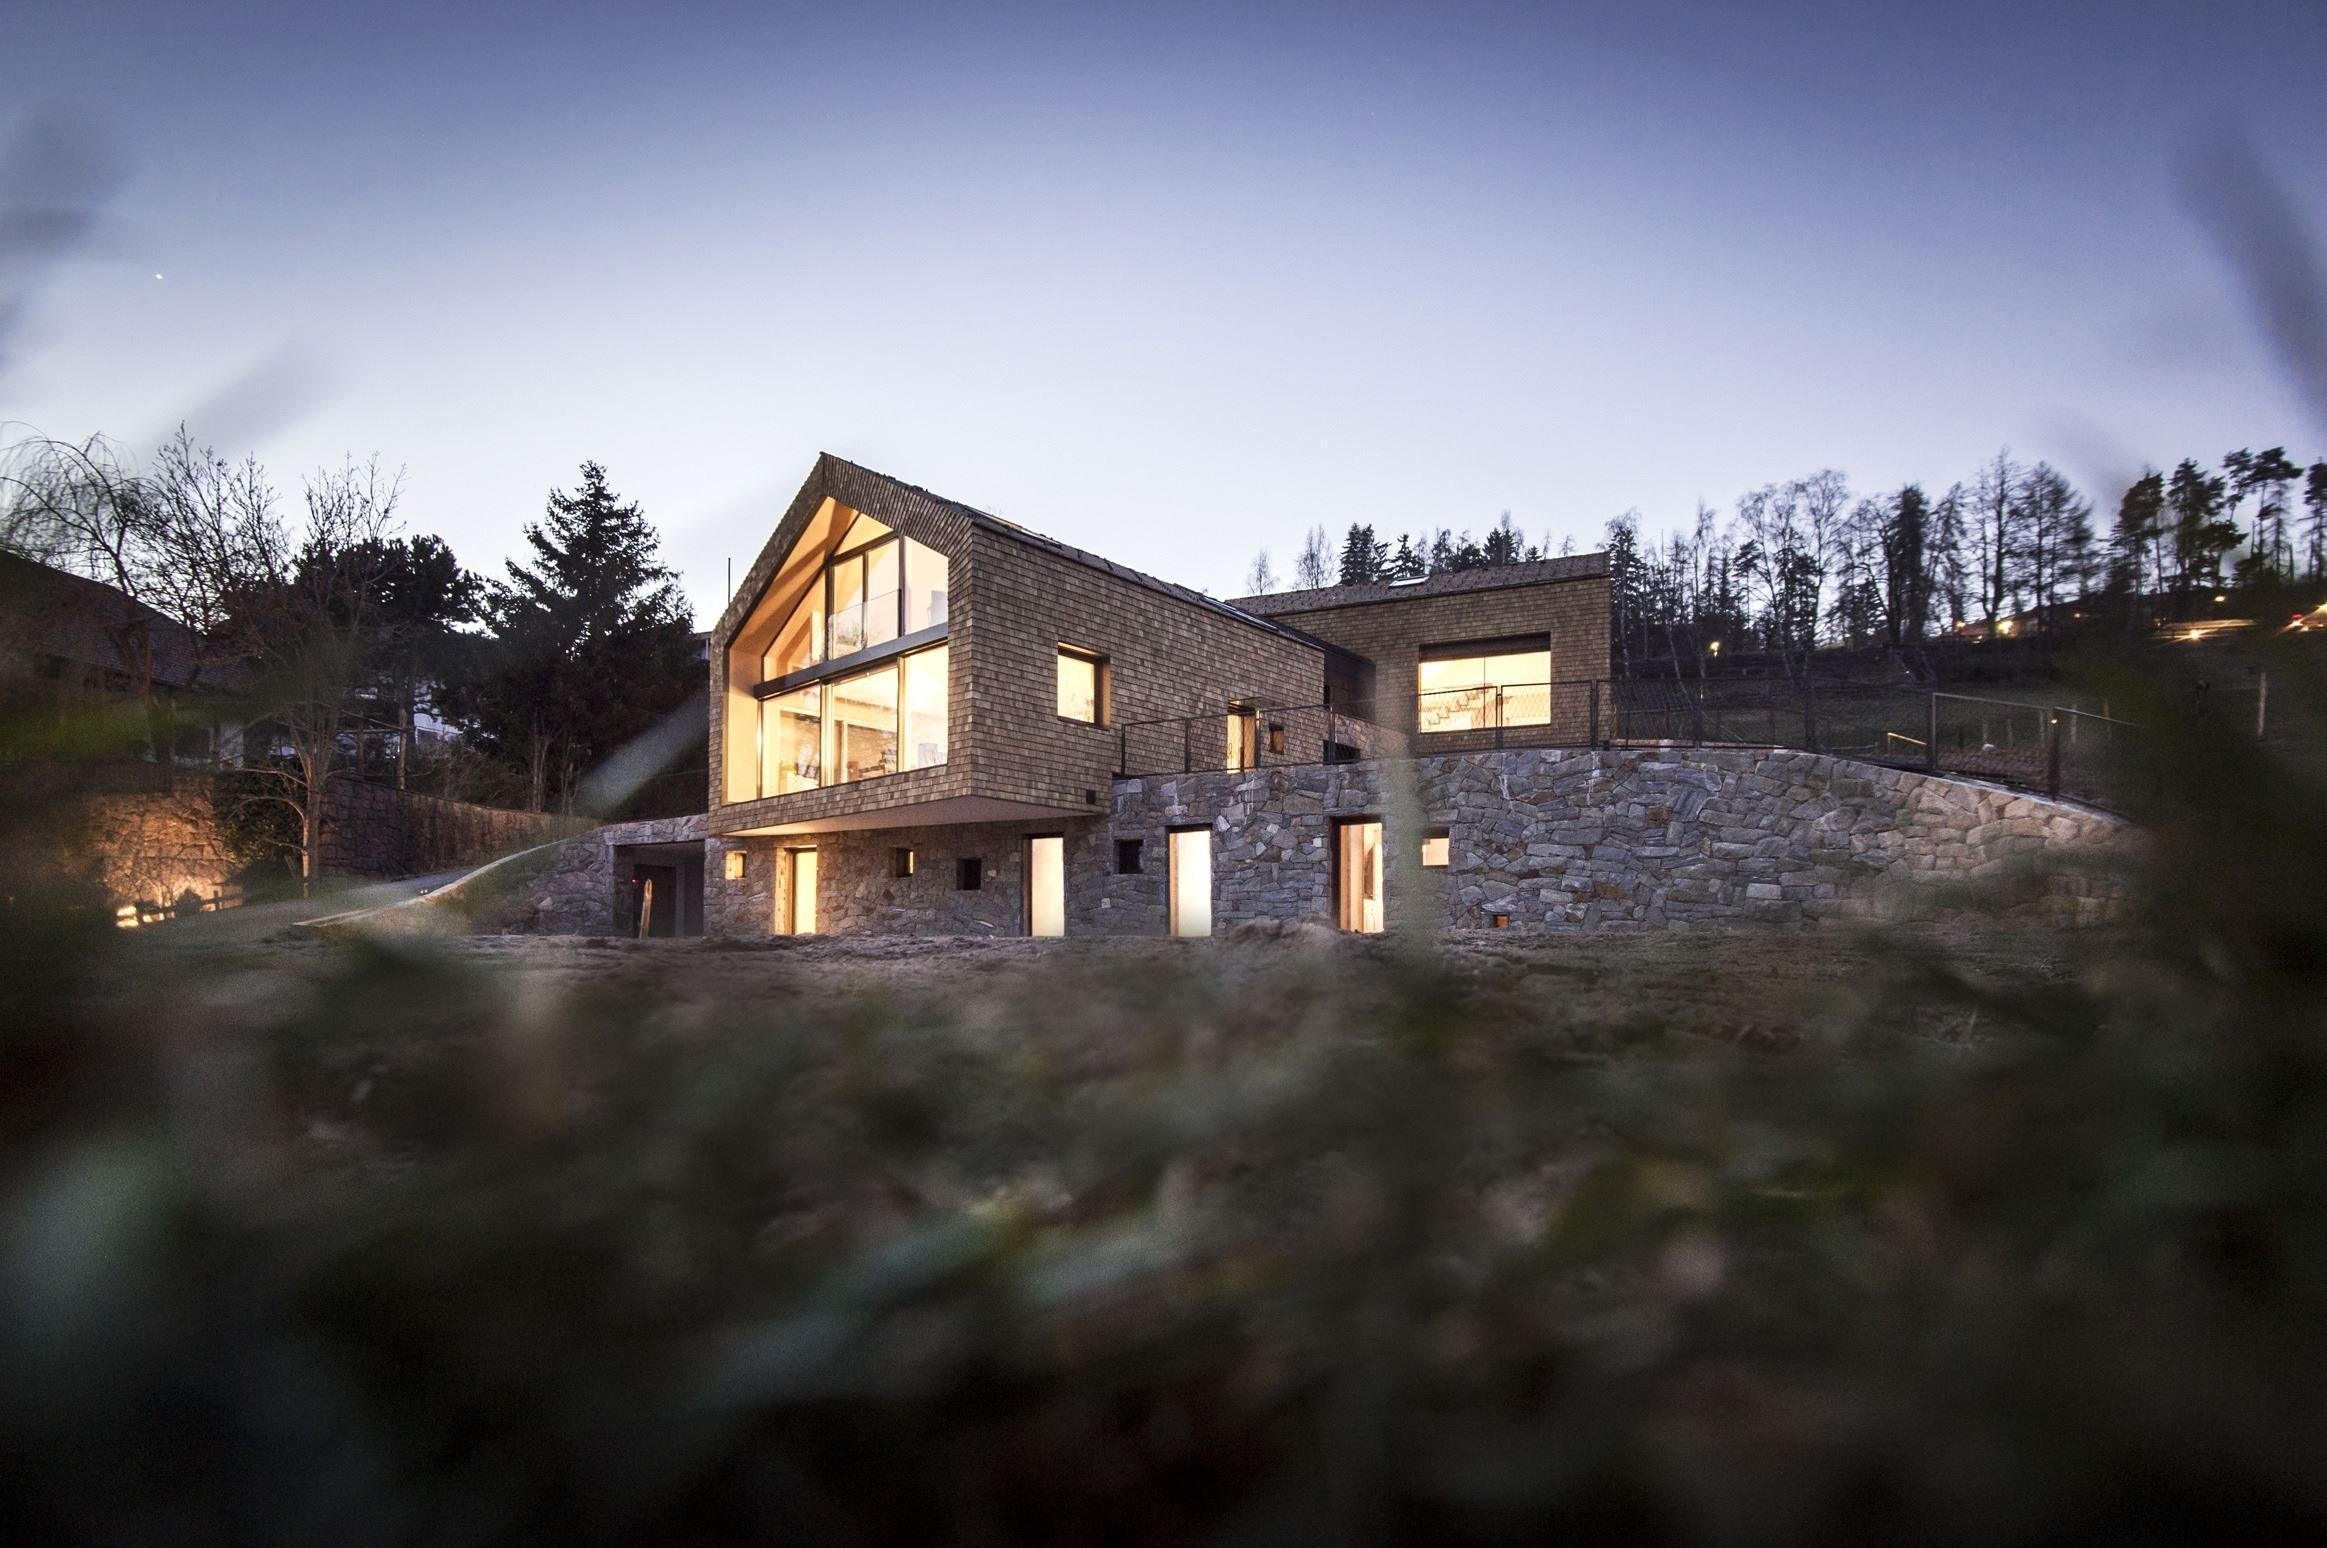 """Soukromá vila výstižně pojmenovaná  """"am Steinbruch"""" neboli """"v lomu"""" nacházející se v místě bývalého lomu na kraji obce Oberbozen/Soprabolzano v jižním Tyrolsku nabízí díky své poloze úžasný výhled na horské panorama Dolomit."""